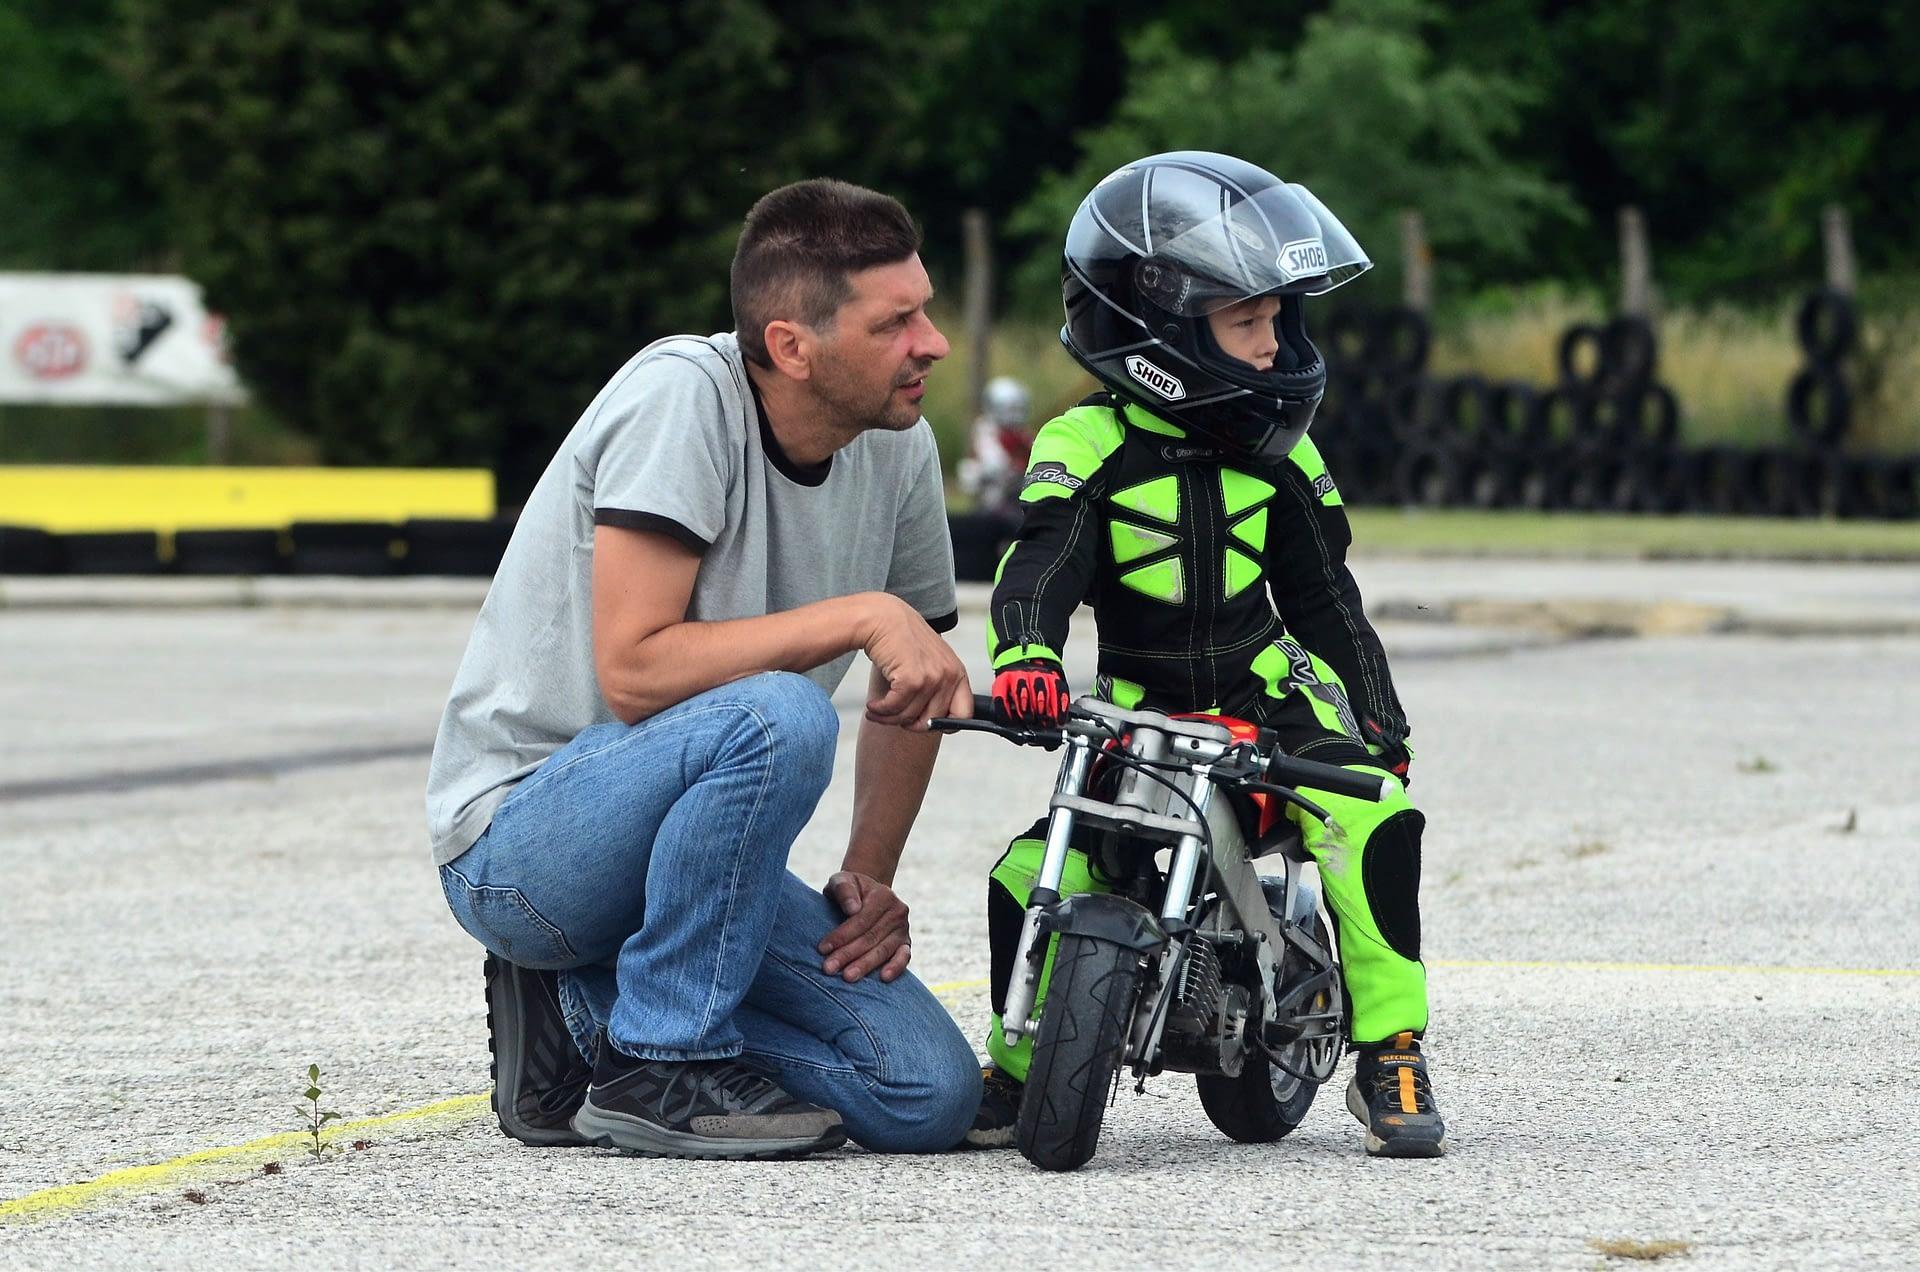 5 ottime ragioni per far guidare la minimoto a un bambino